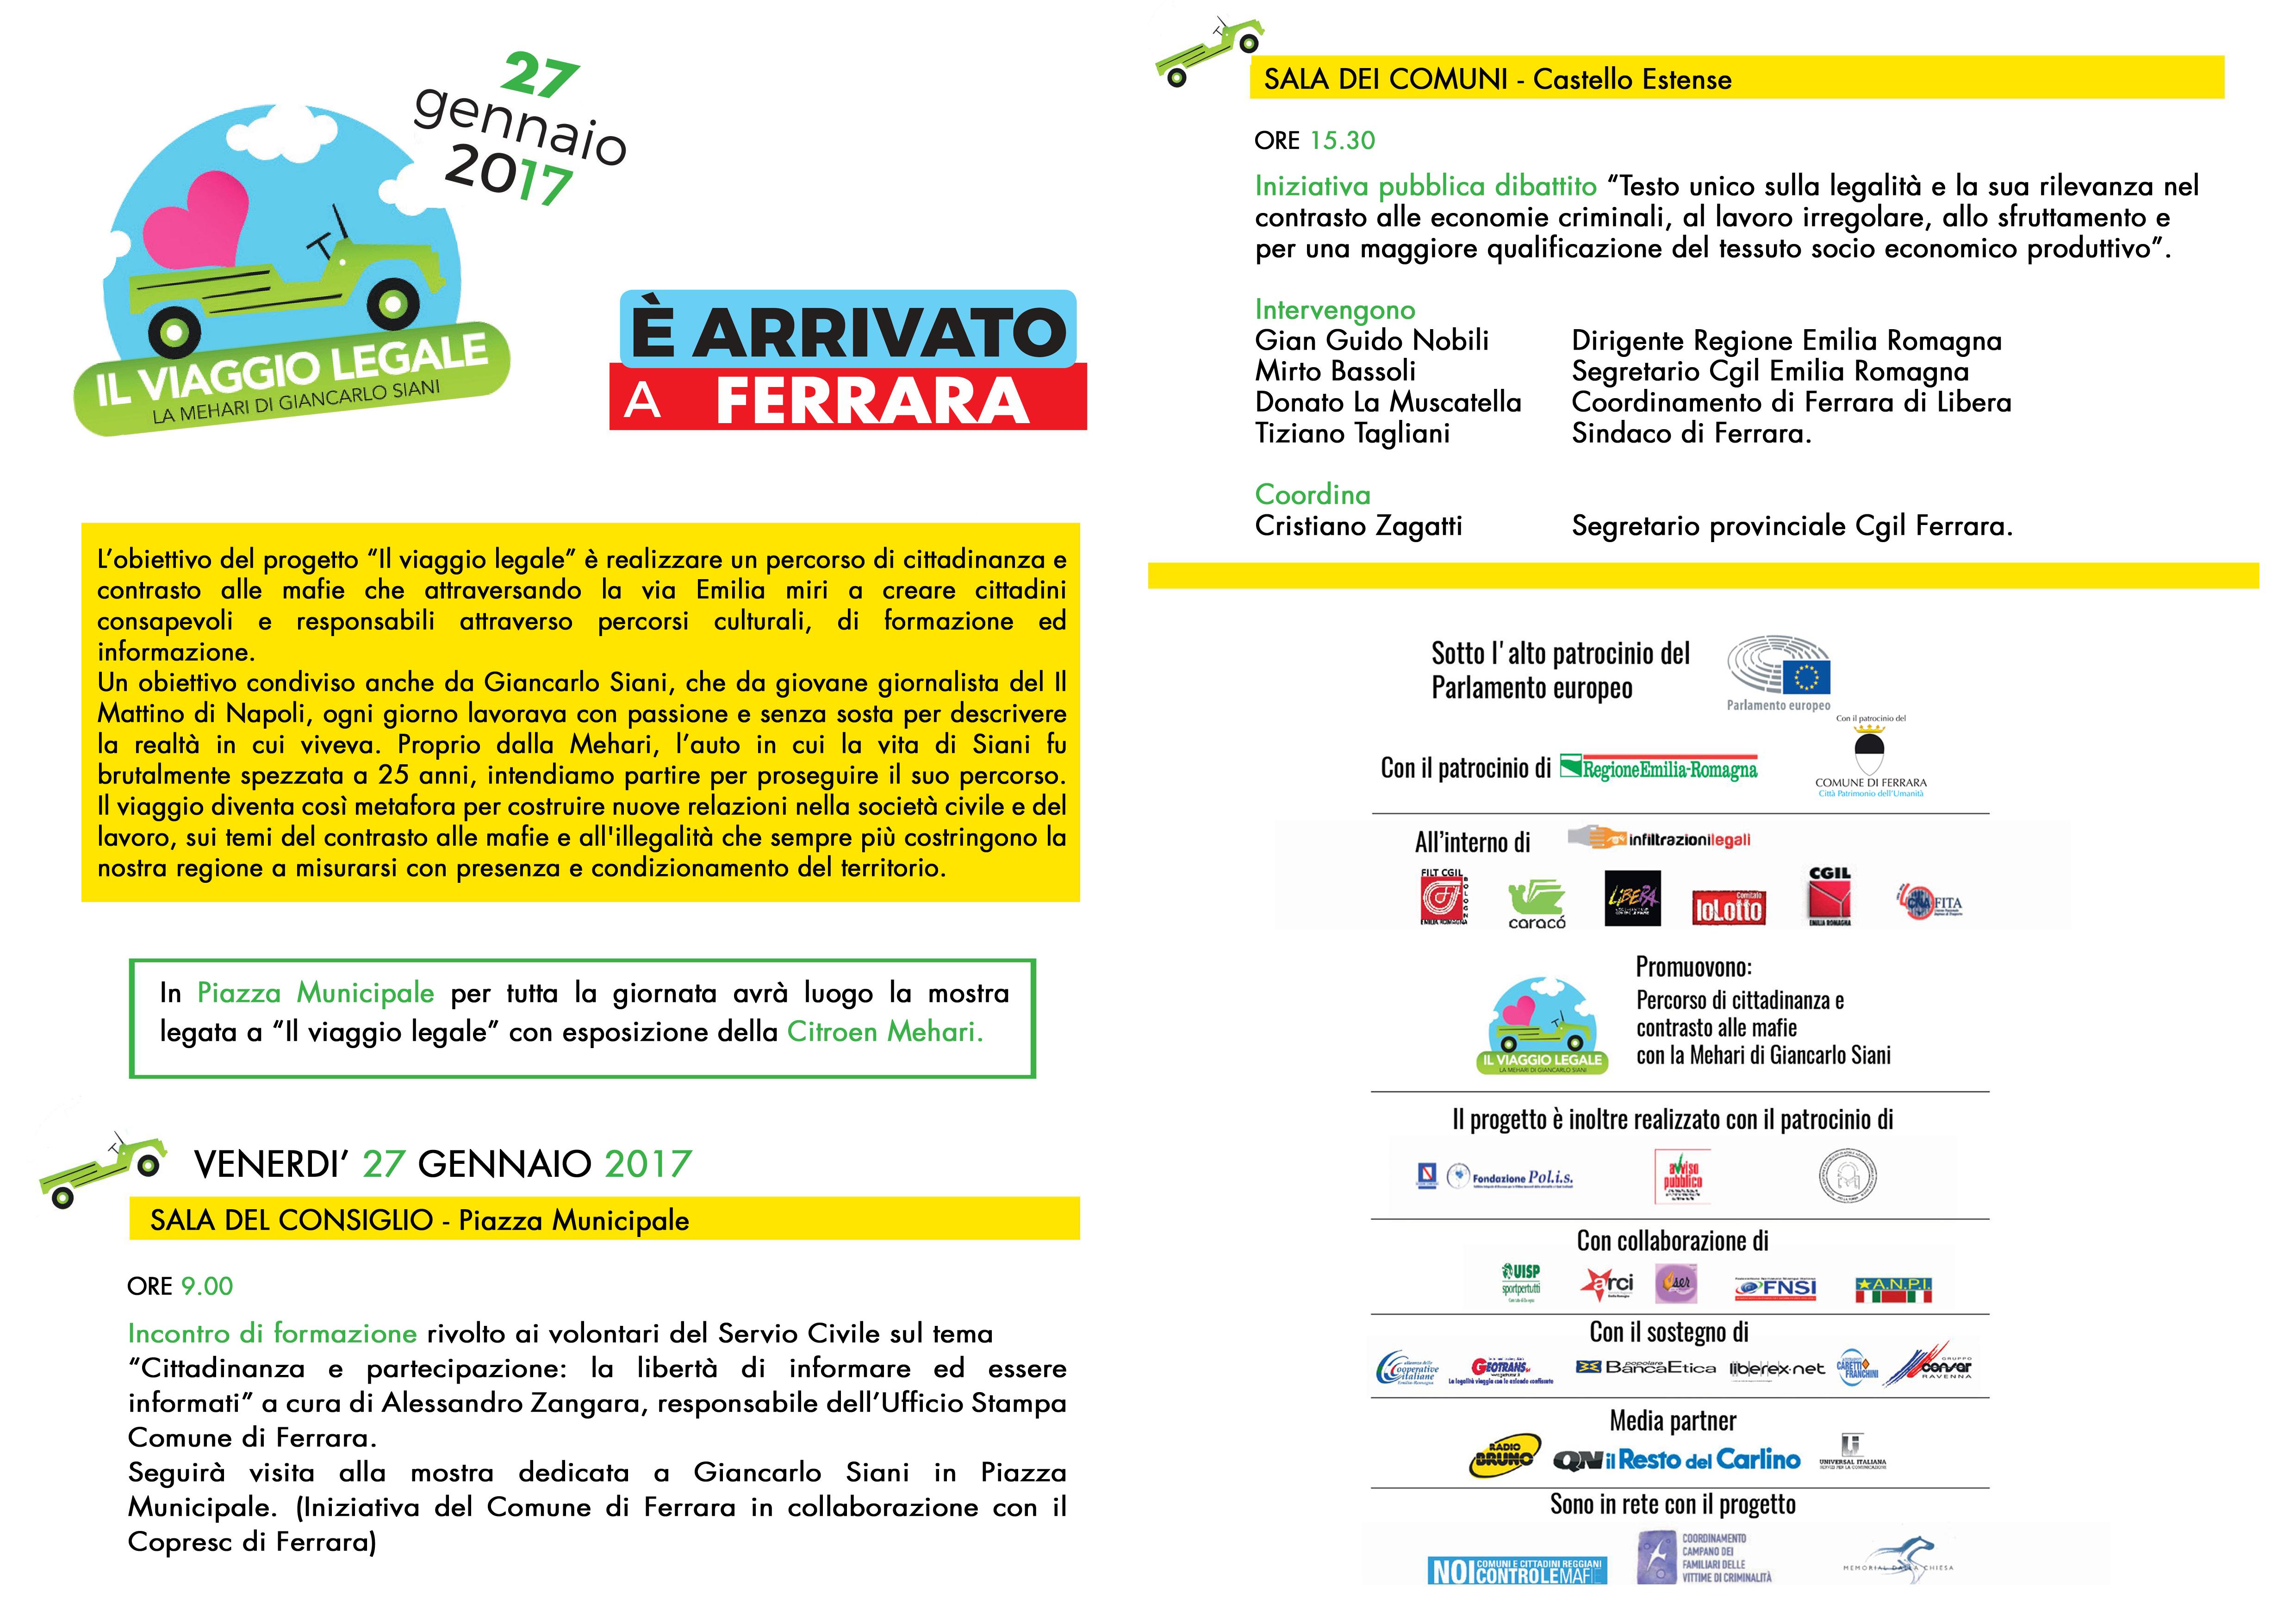 Il viaggio legale: Ferrara 27 gennaio